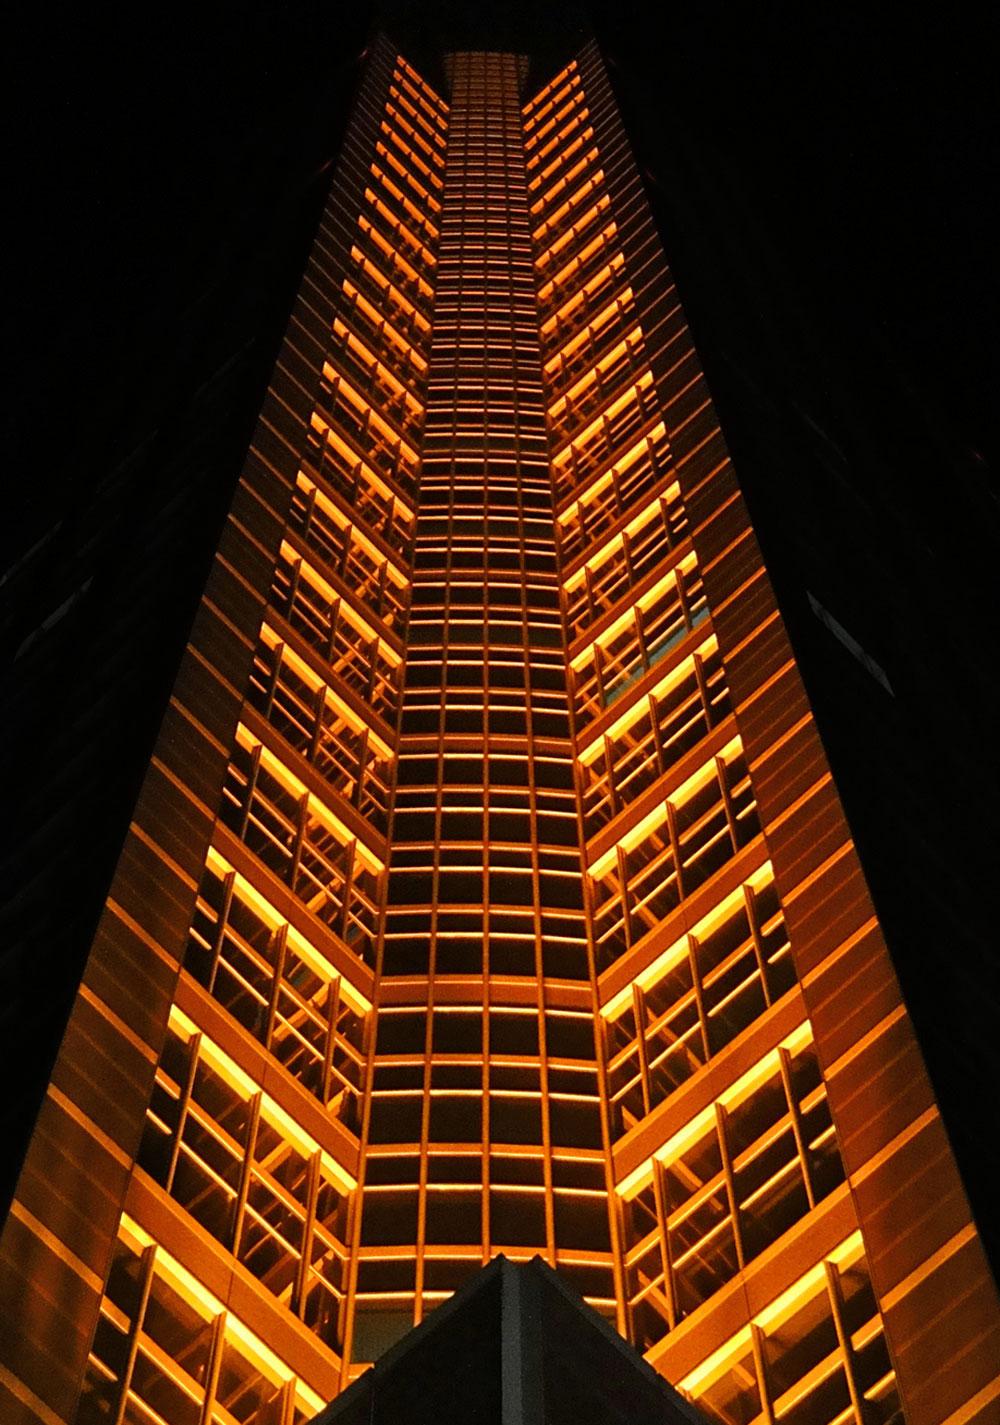 Fotos von der Luminale 2016 in Frankfurt: Illumination des Frankfurter Messeturms